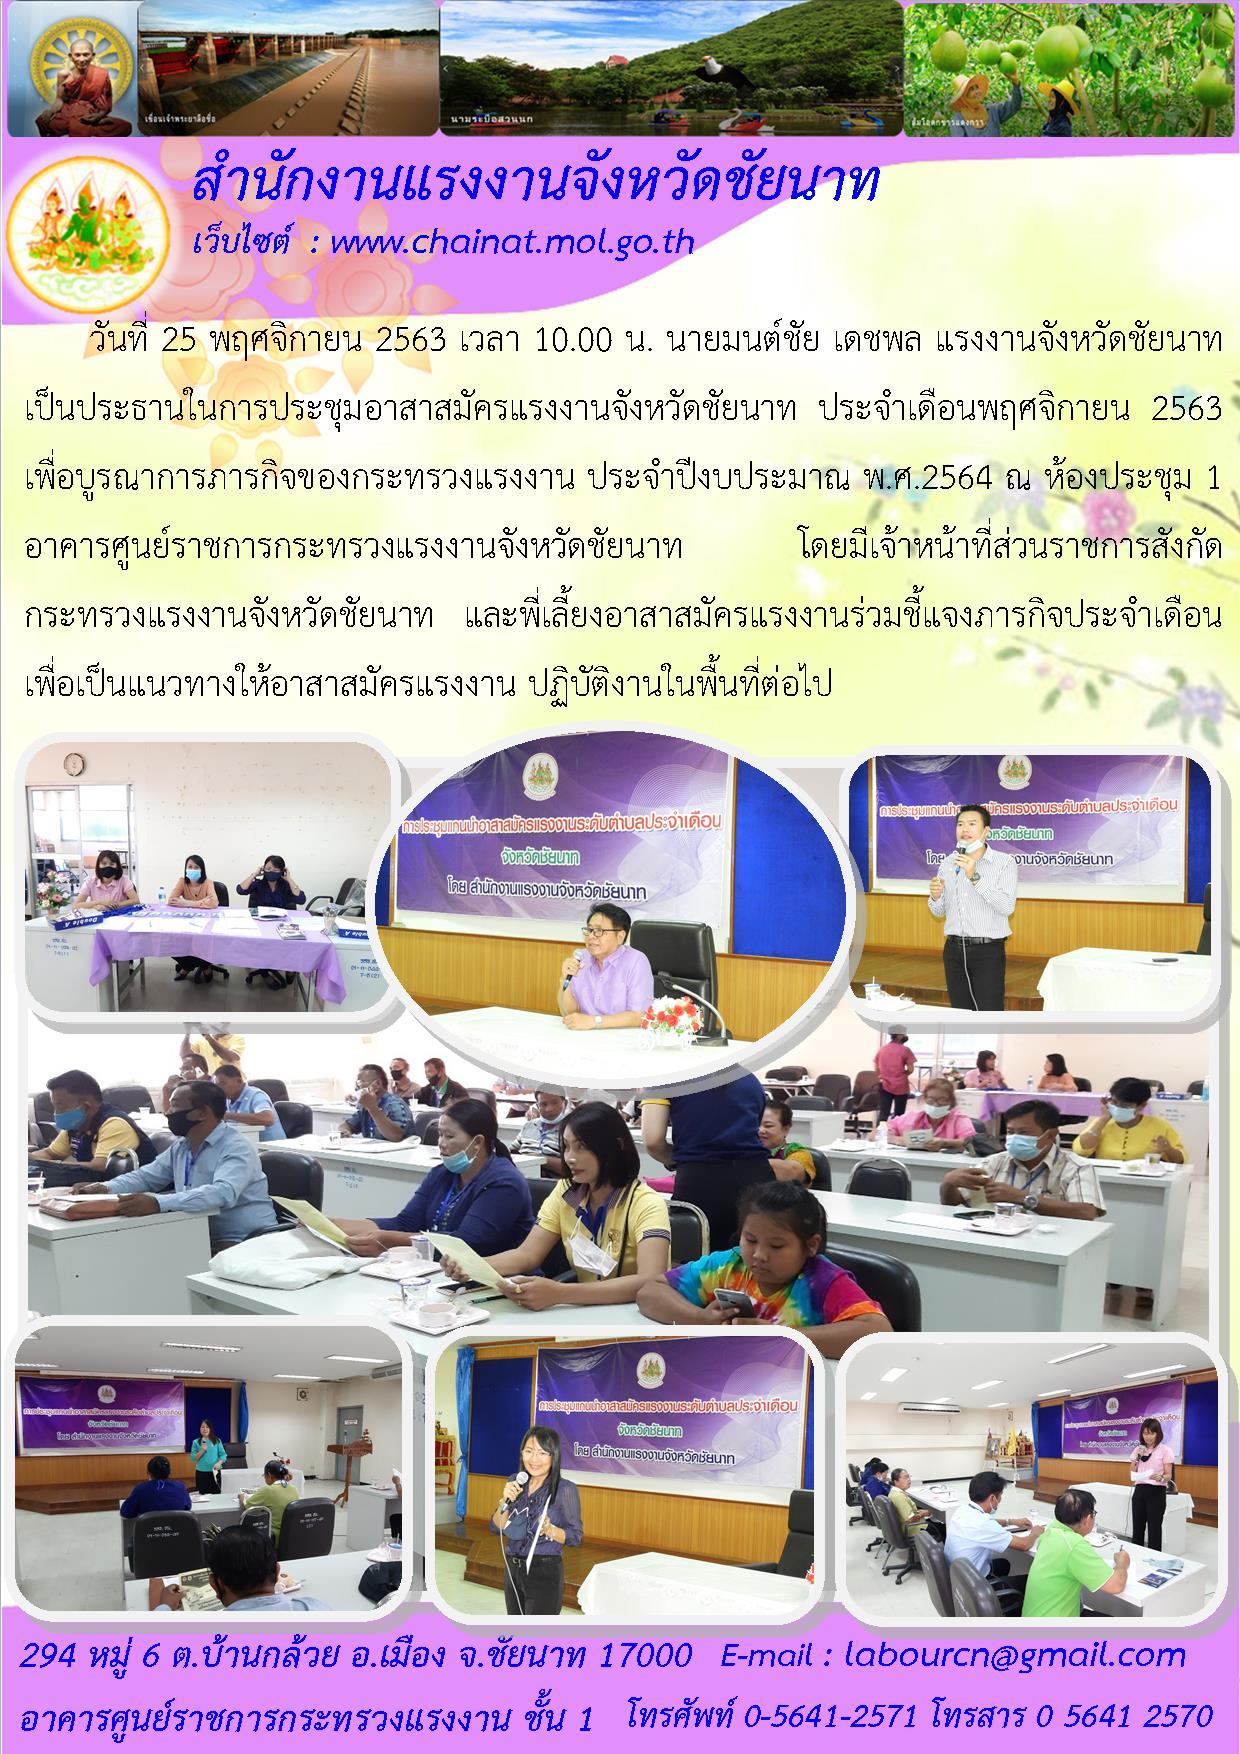 ประชุมอาสาสมัครแรงงานจังหวัดชัยนาท ประจำเดือนพฤศจิกายน 2563